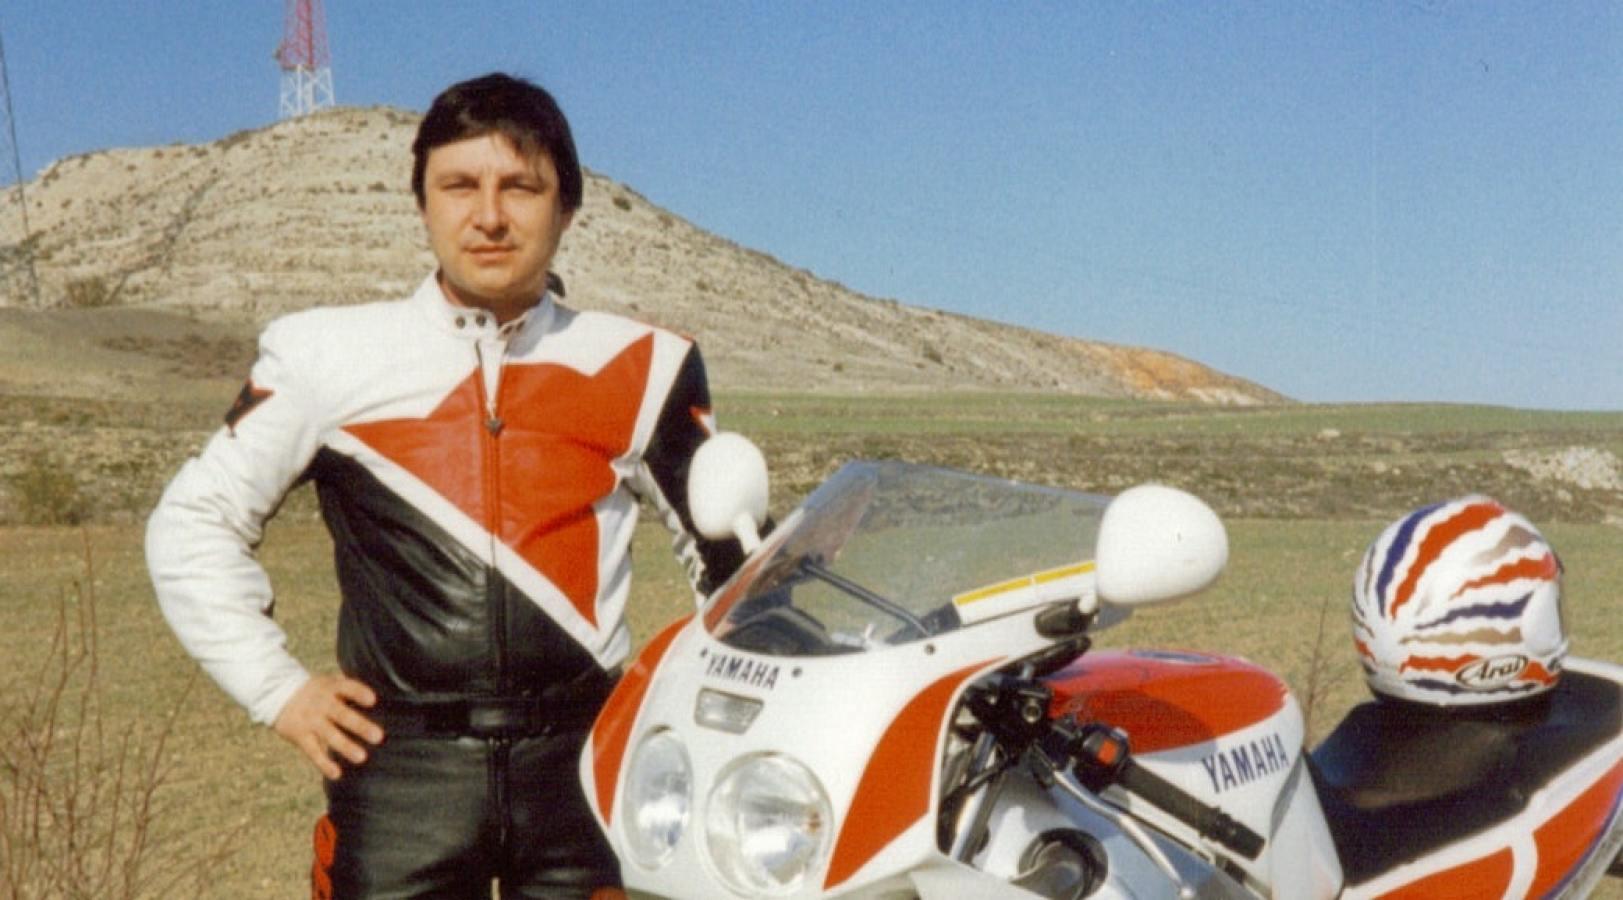 Antonio Rodríguez Sen